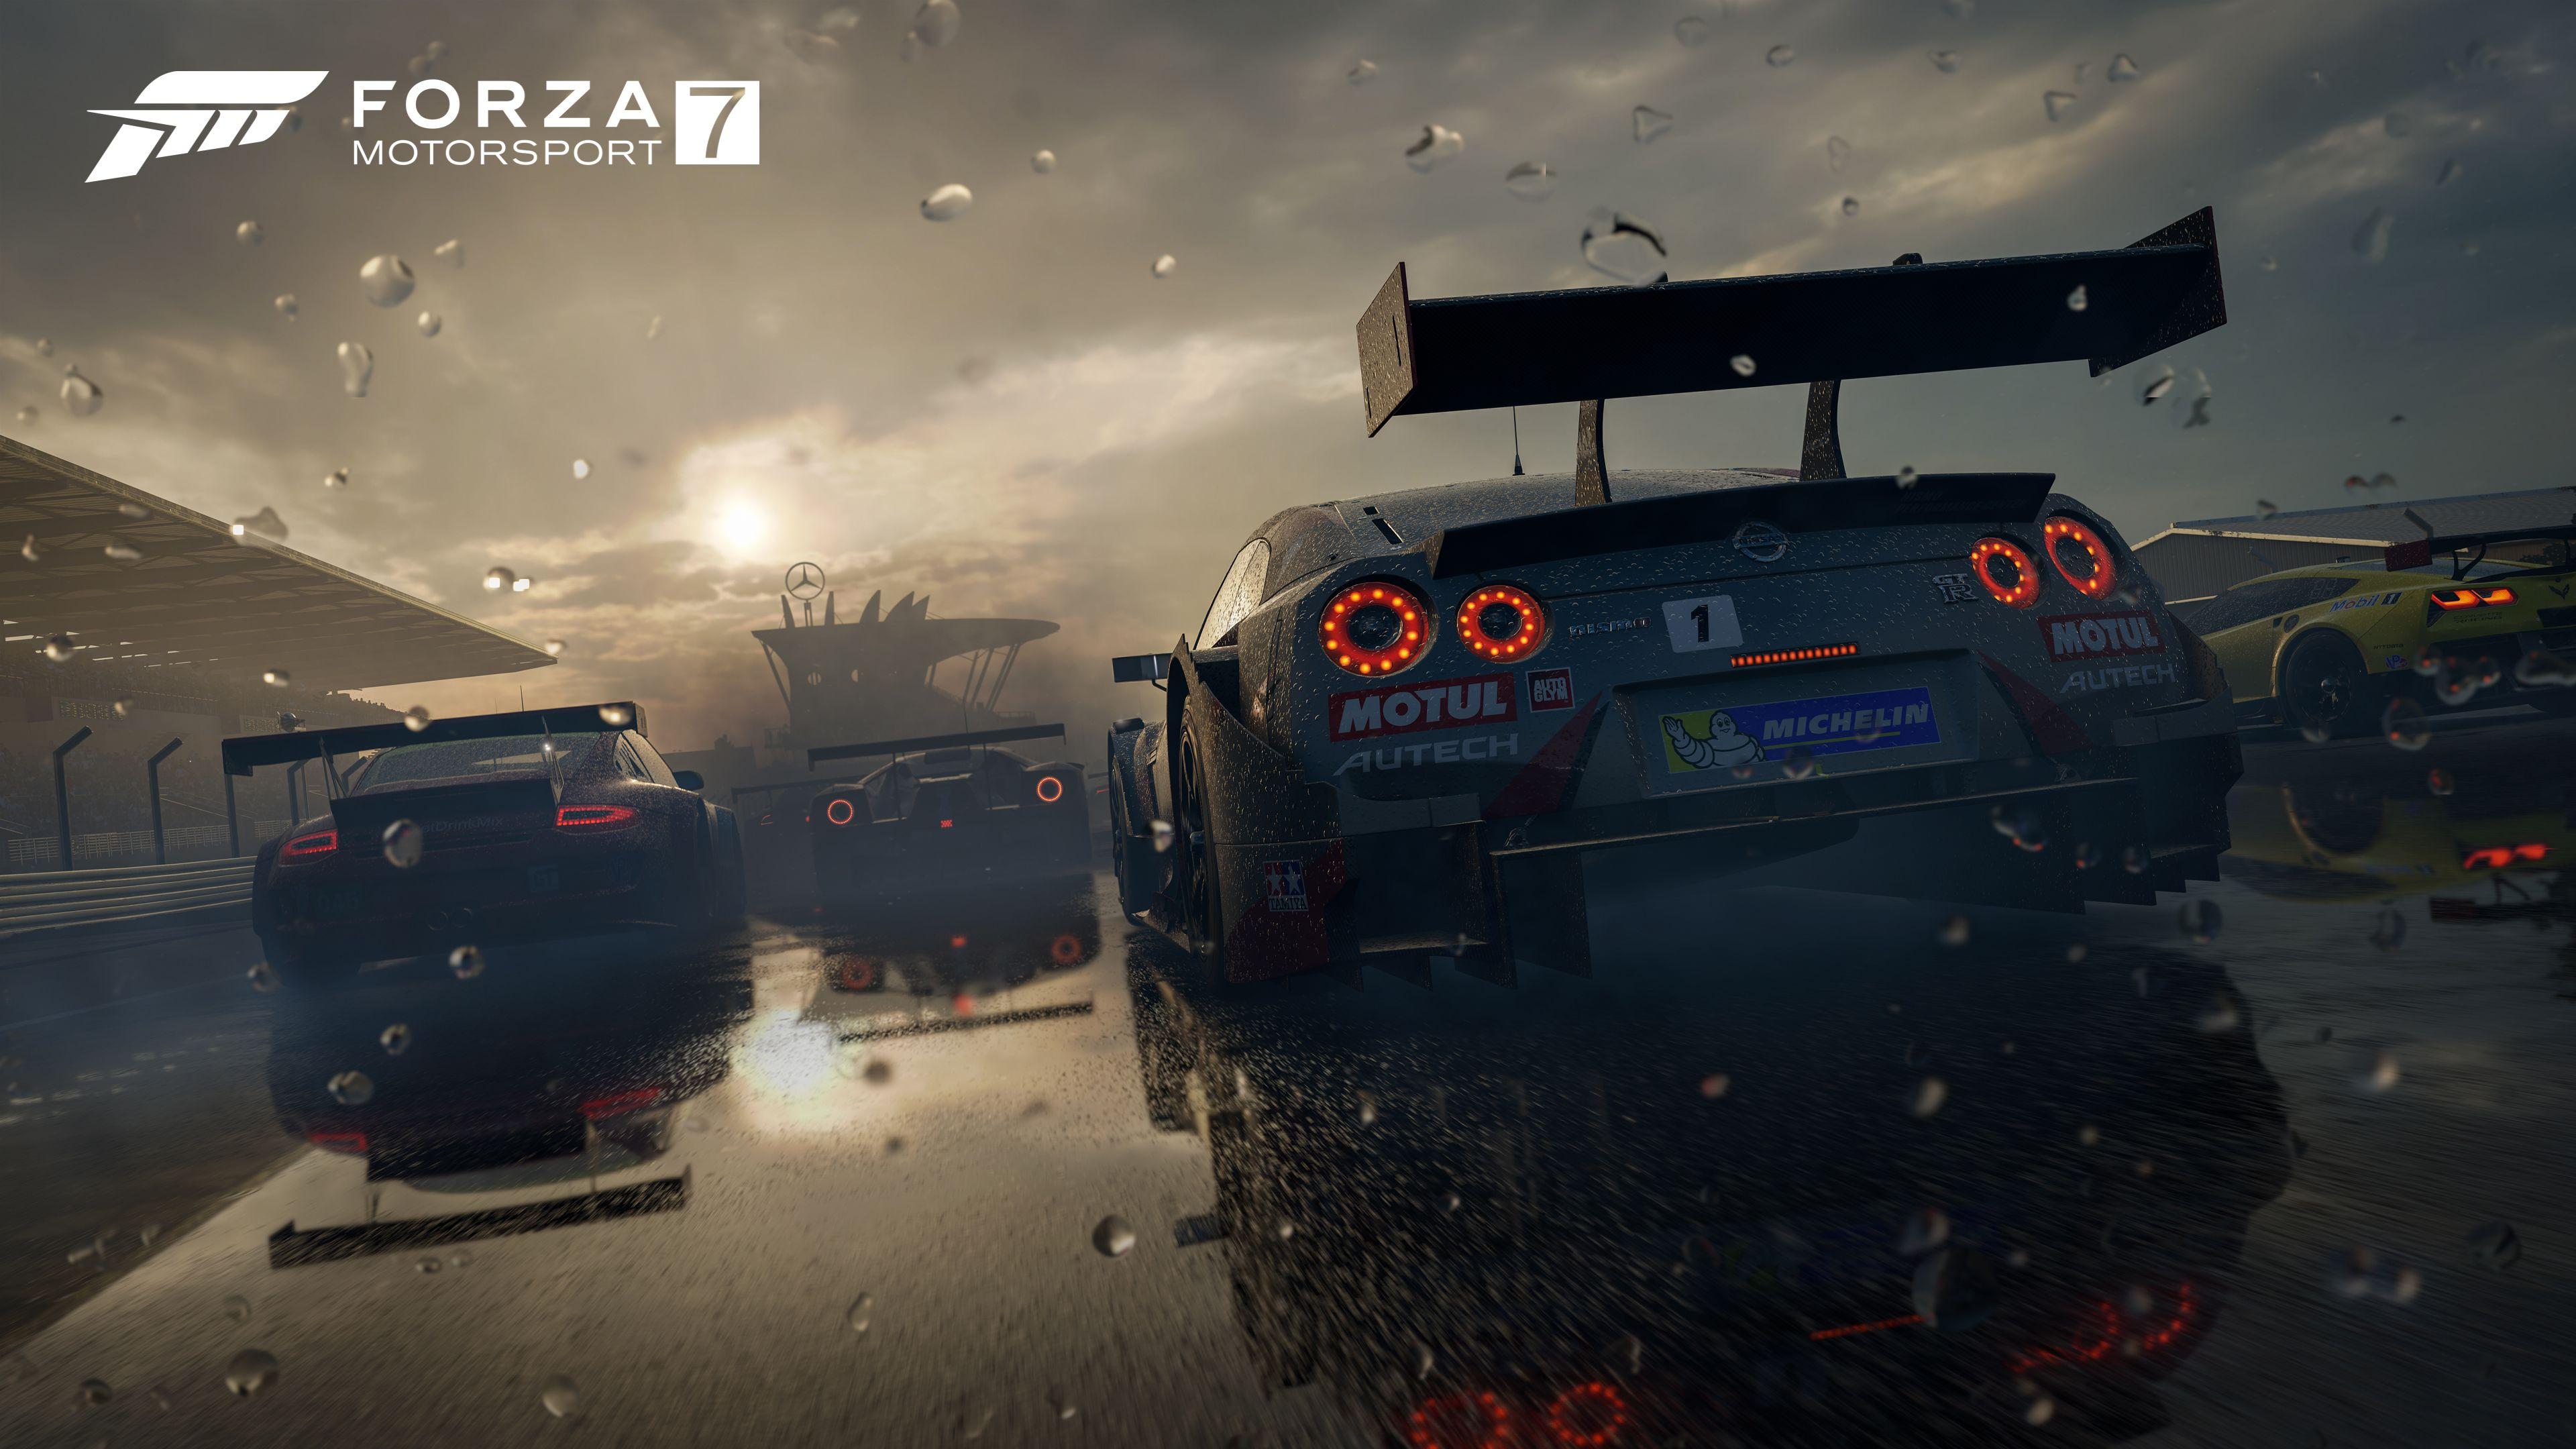 Forza Motorsport 7 - HW nároky, demo a obrázky 148632